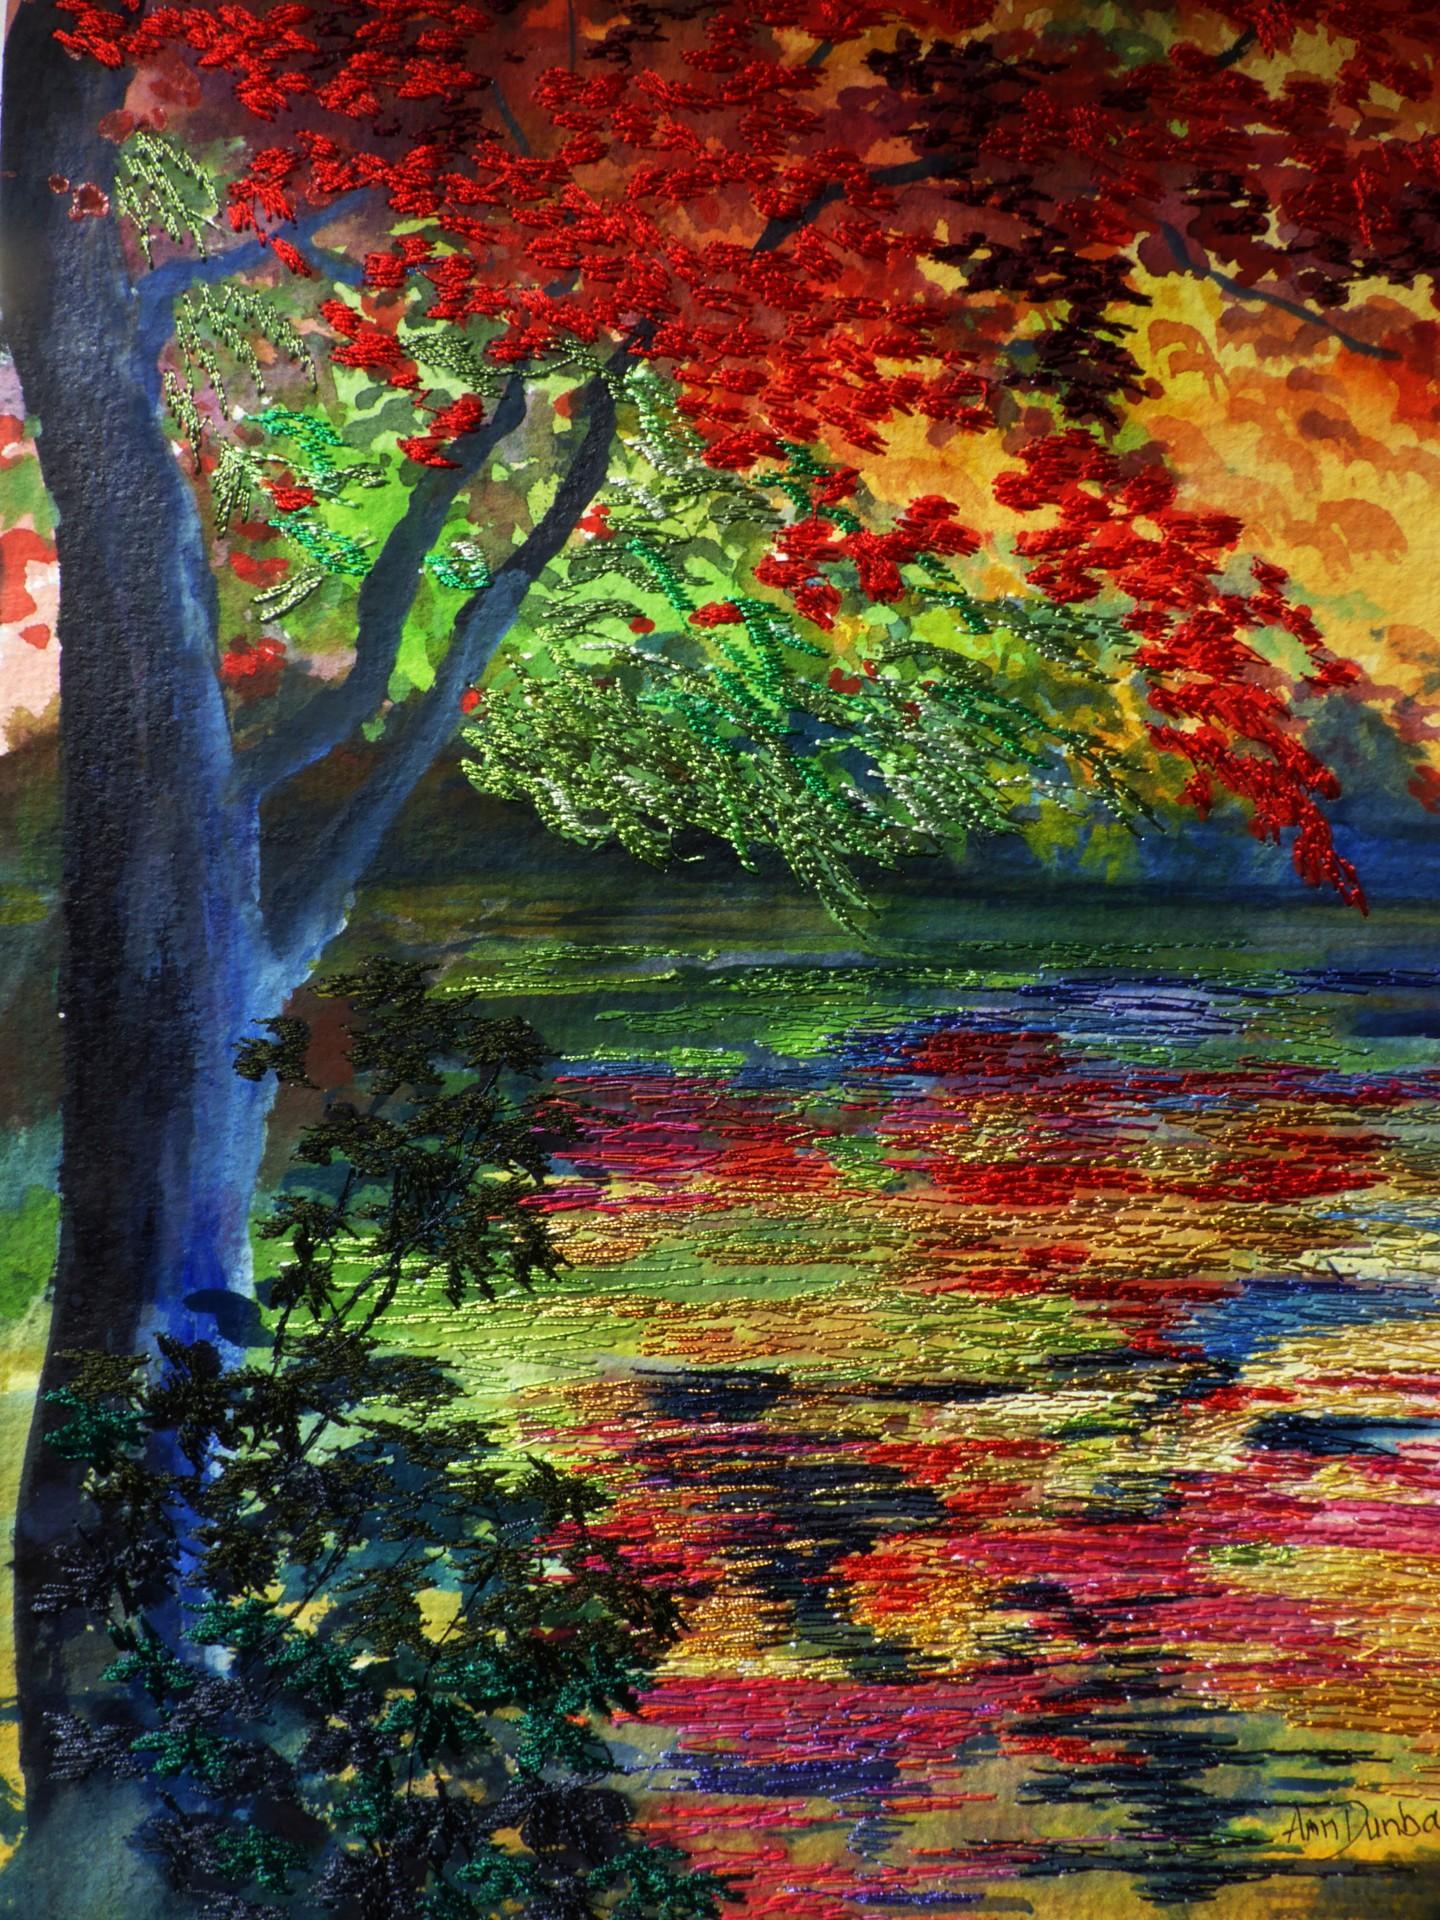 Ann Dunbar - Vivid Autumn